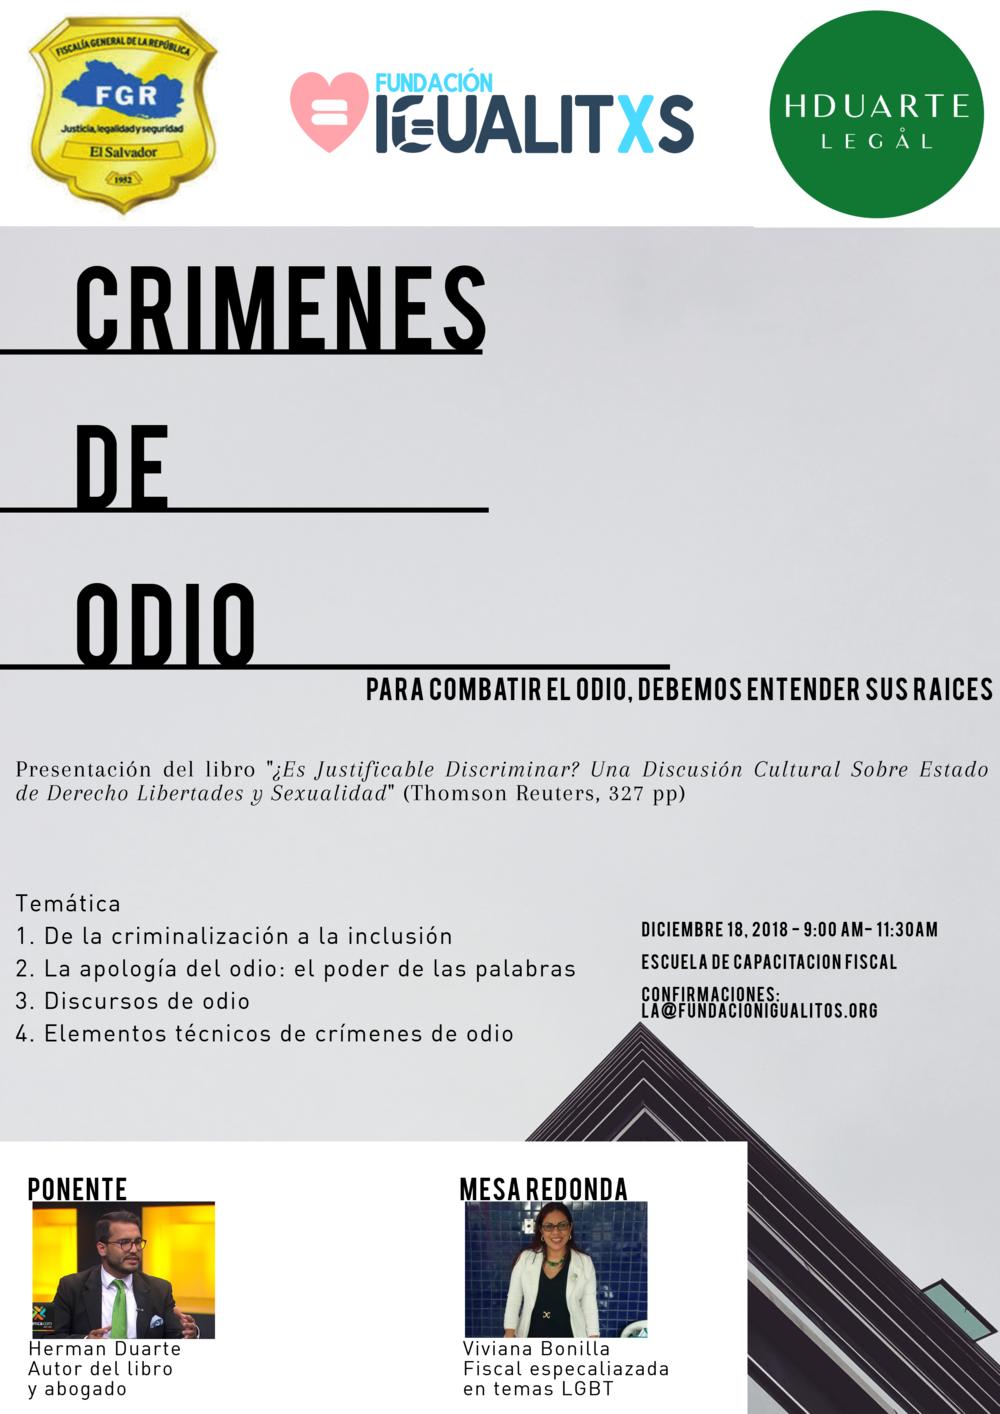 Crimenes de odio FGR diciembre 2018.png